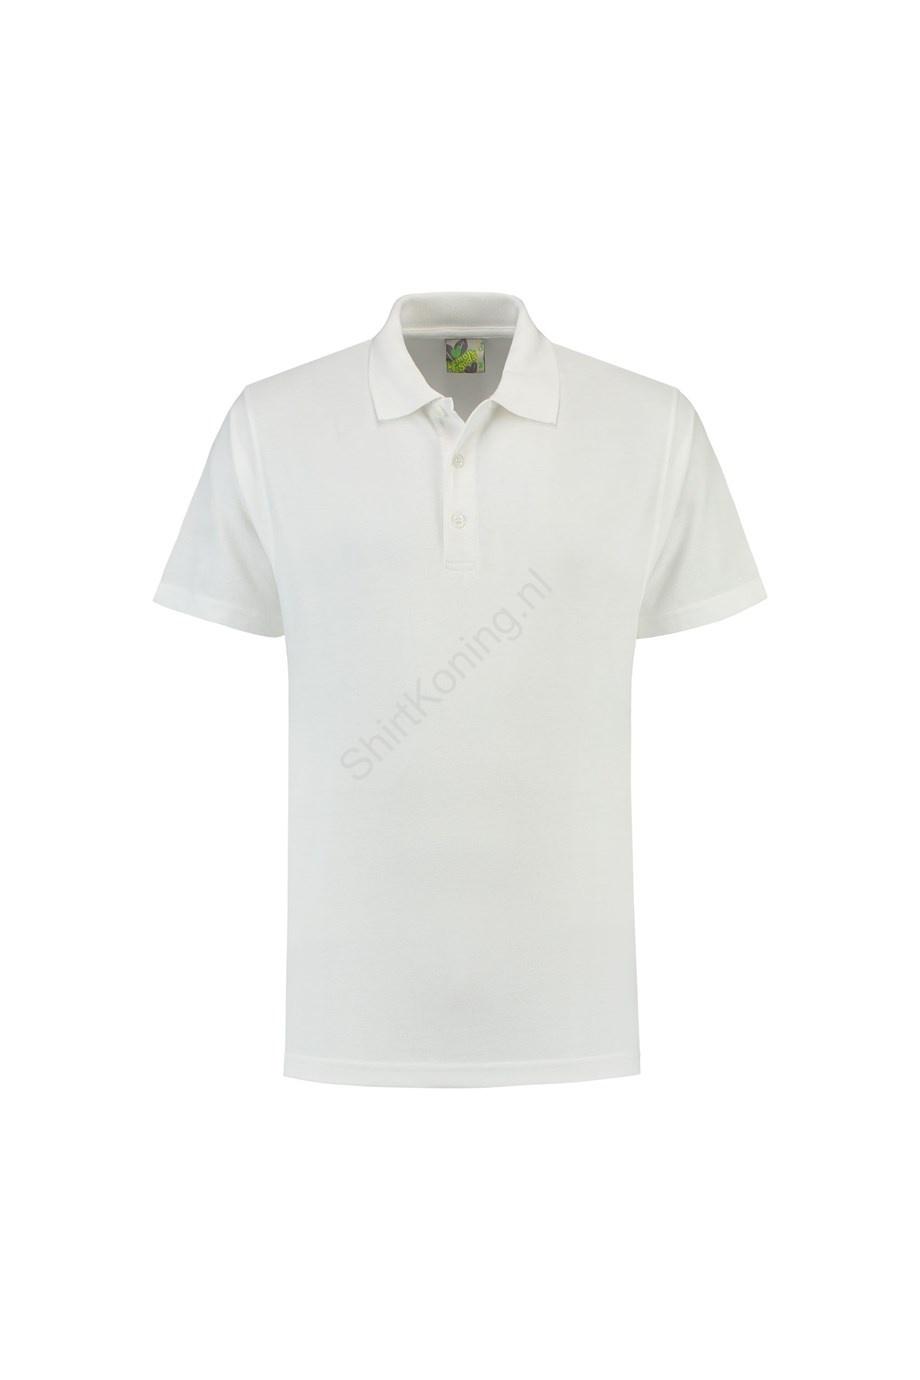 kleding-lemon&soda 3500